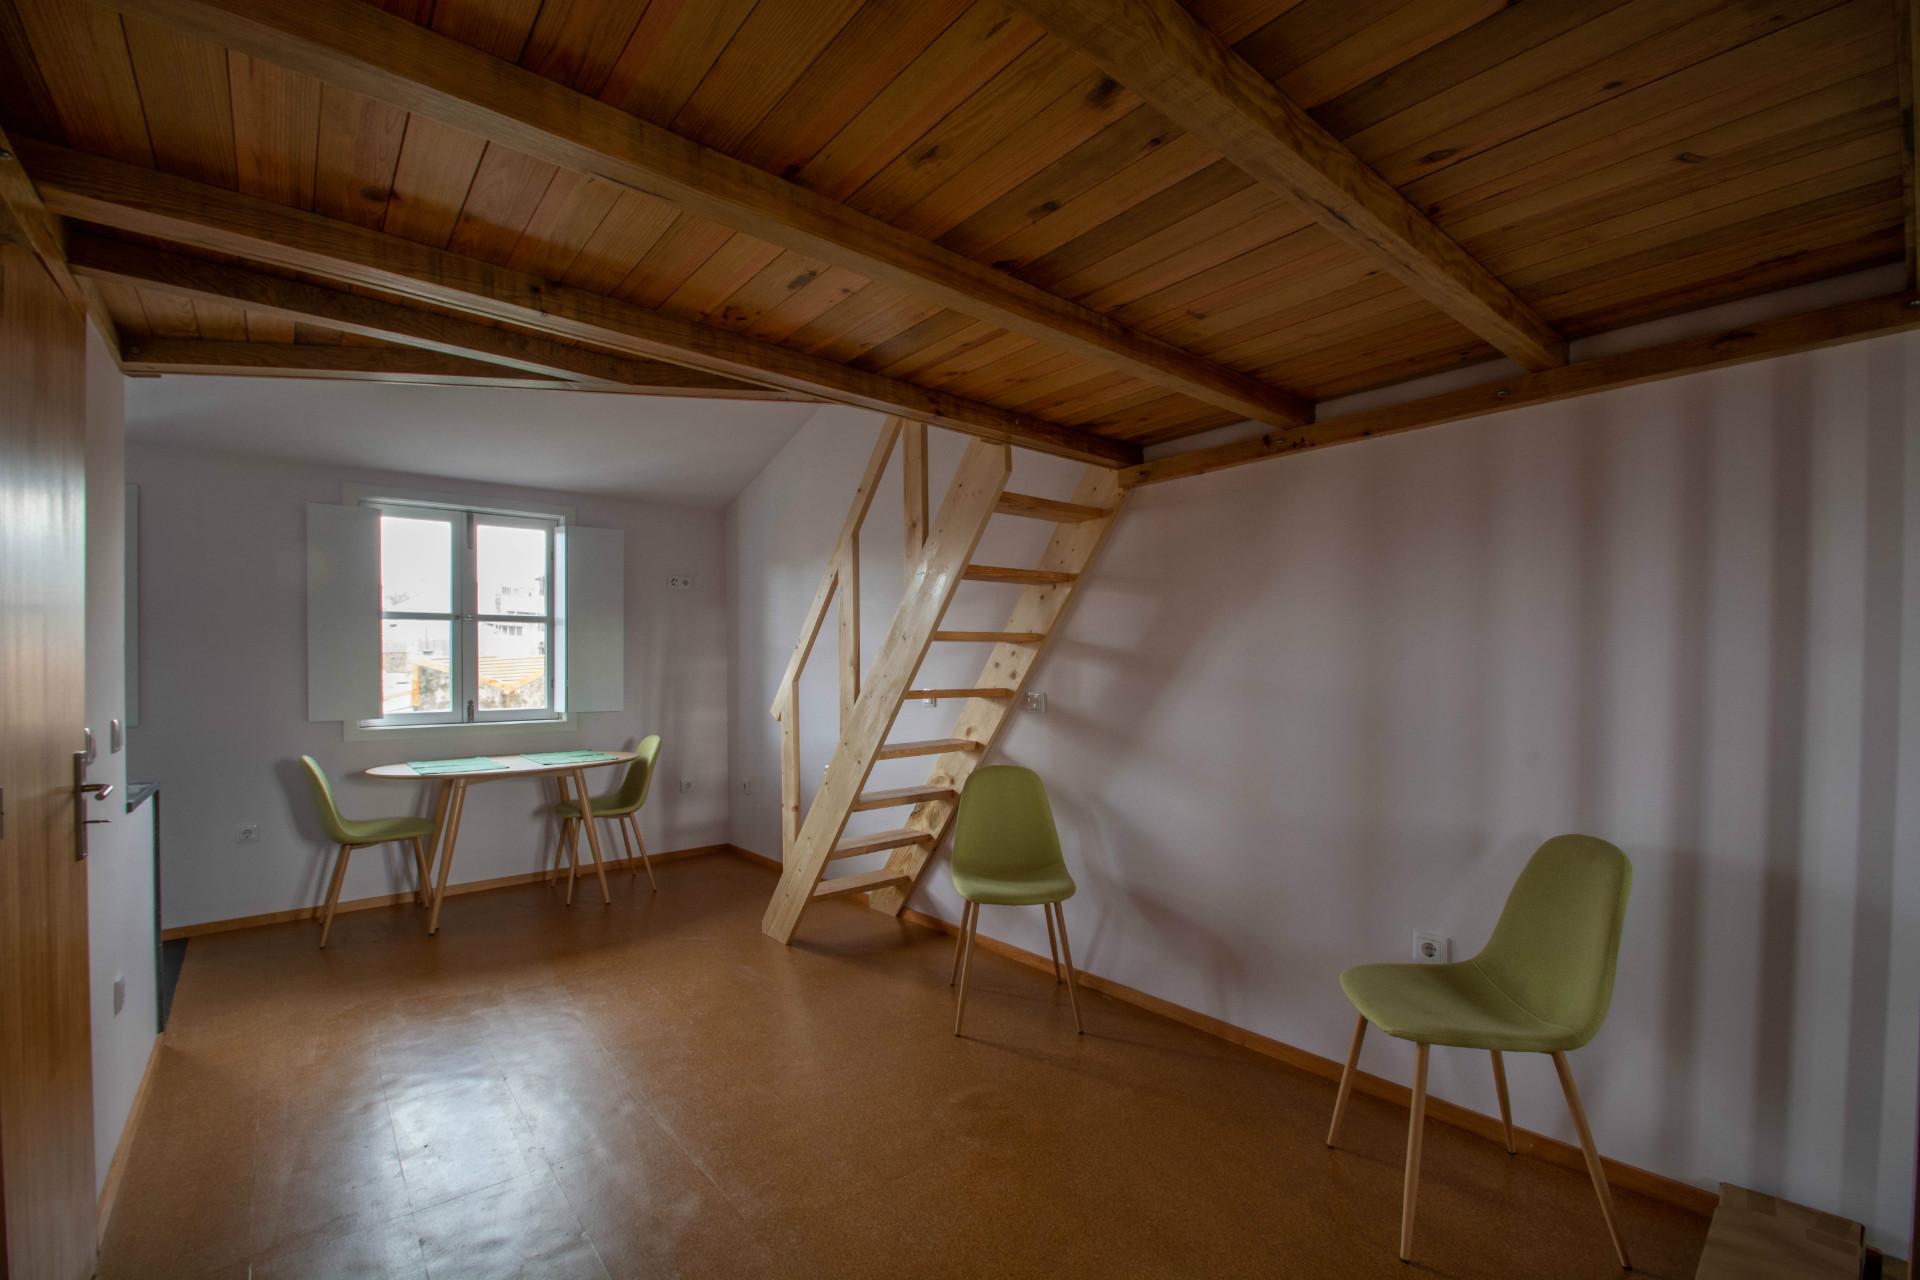 Estúdio com mezzanine para Arrendar em Guimarães